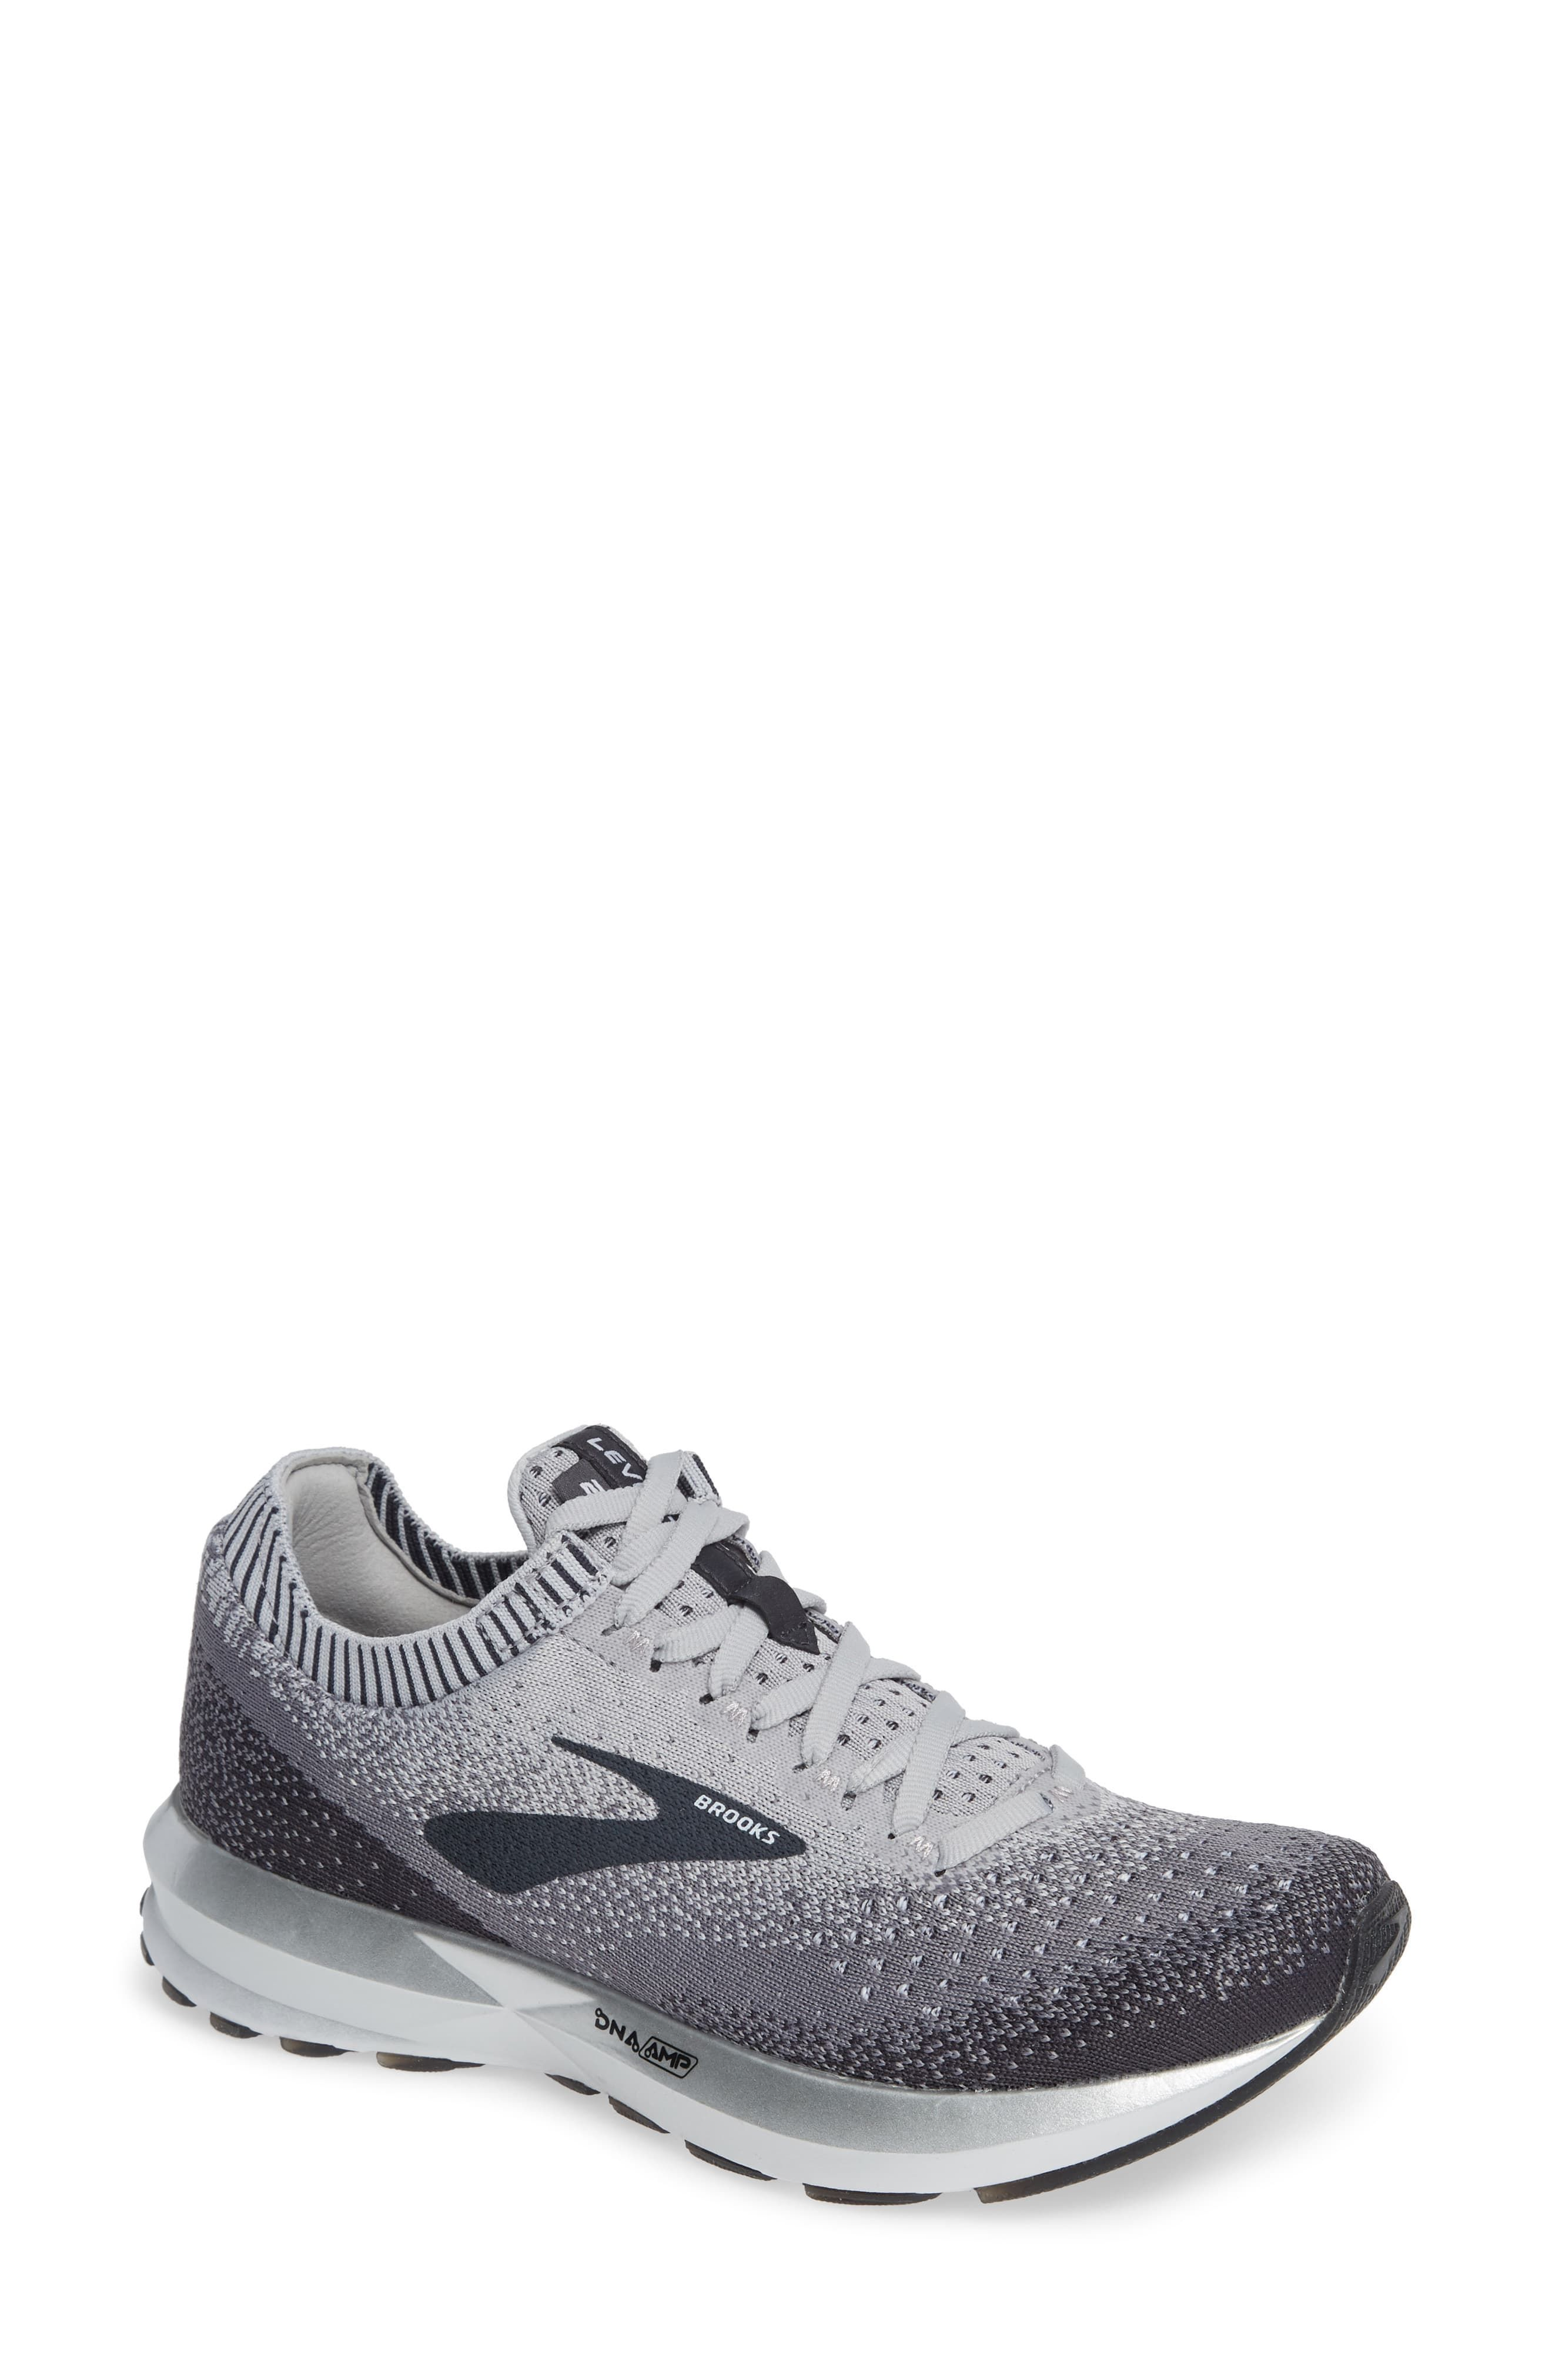 Brooks Levitate 2 Running Shoe (Women